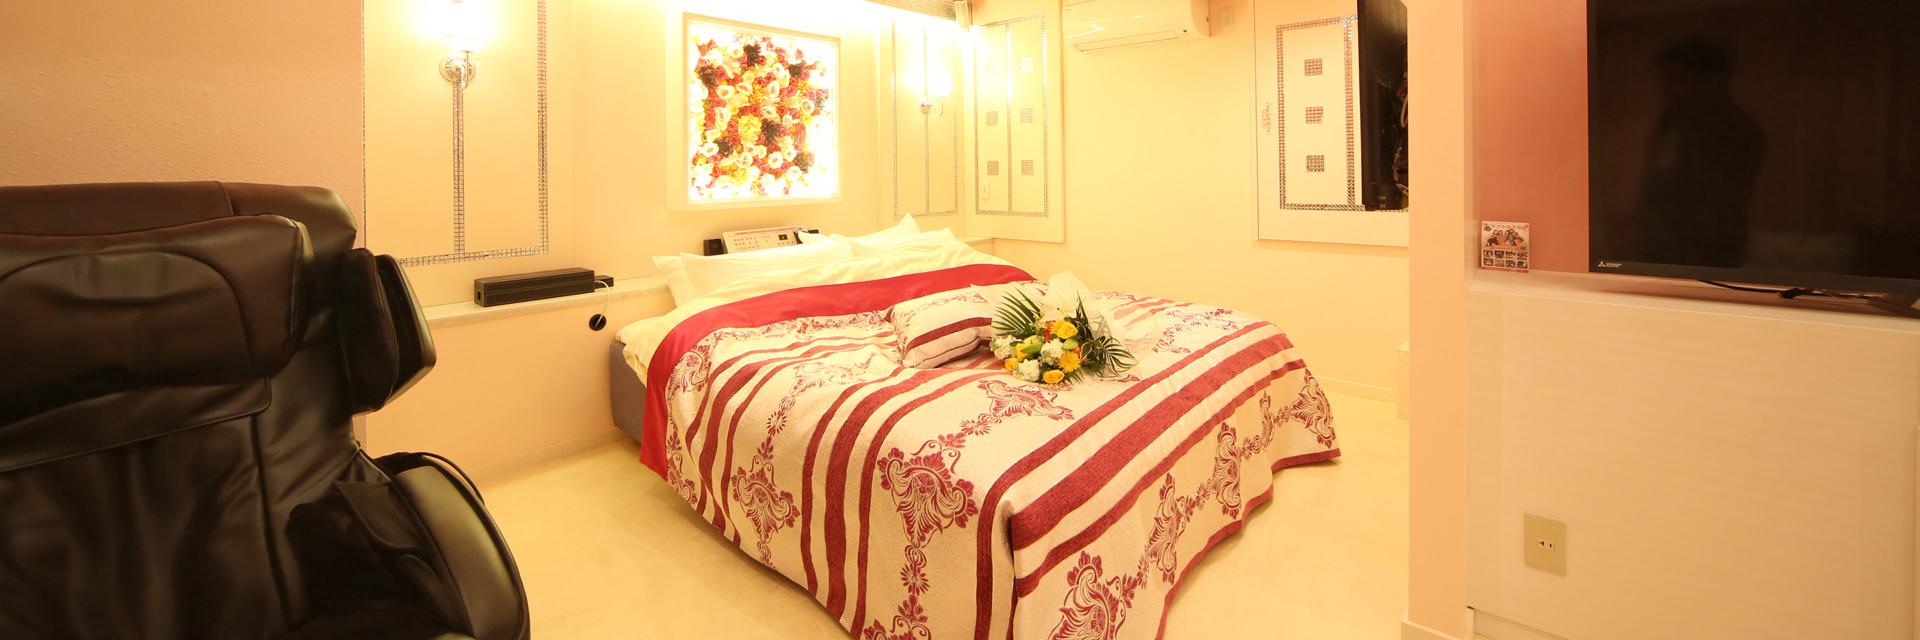 Room305